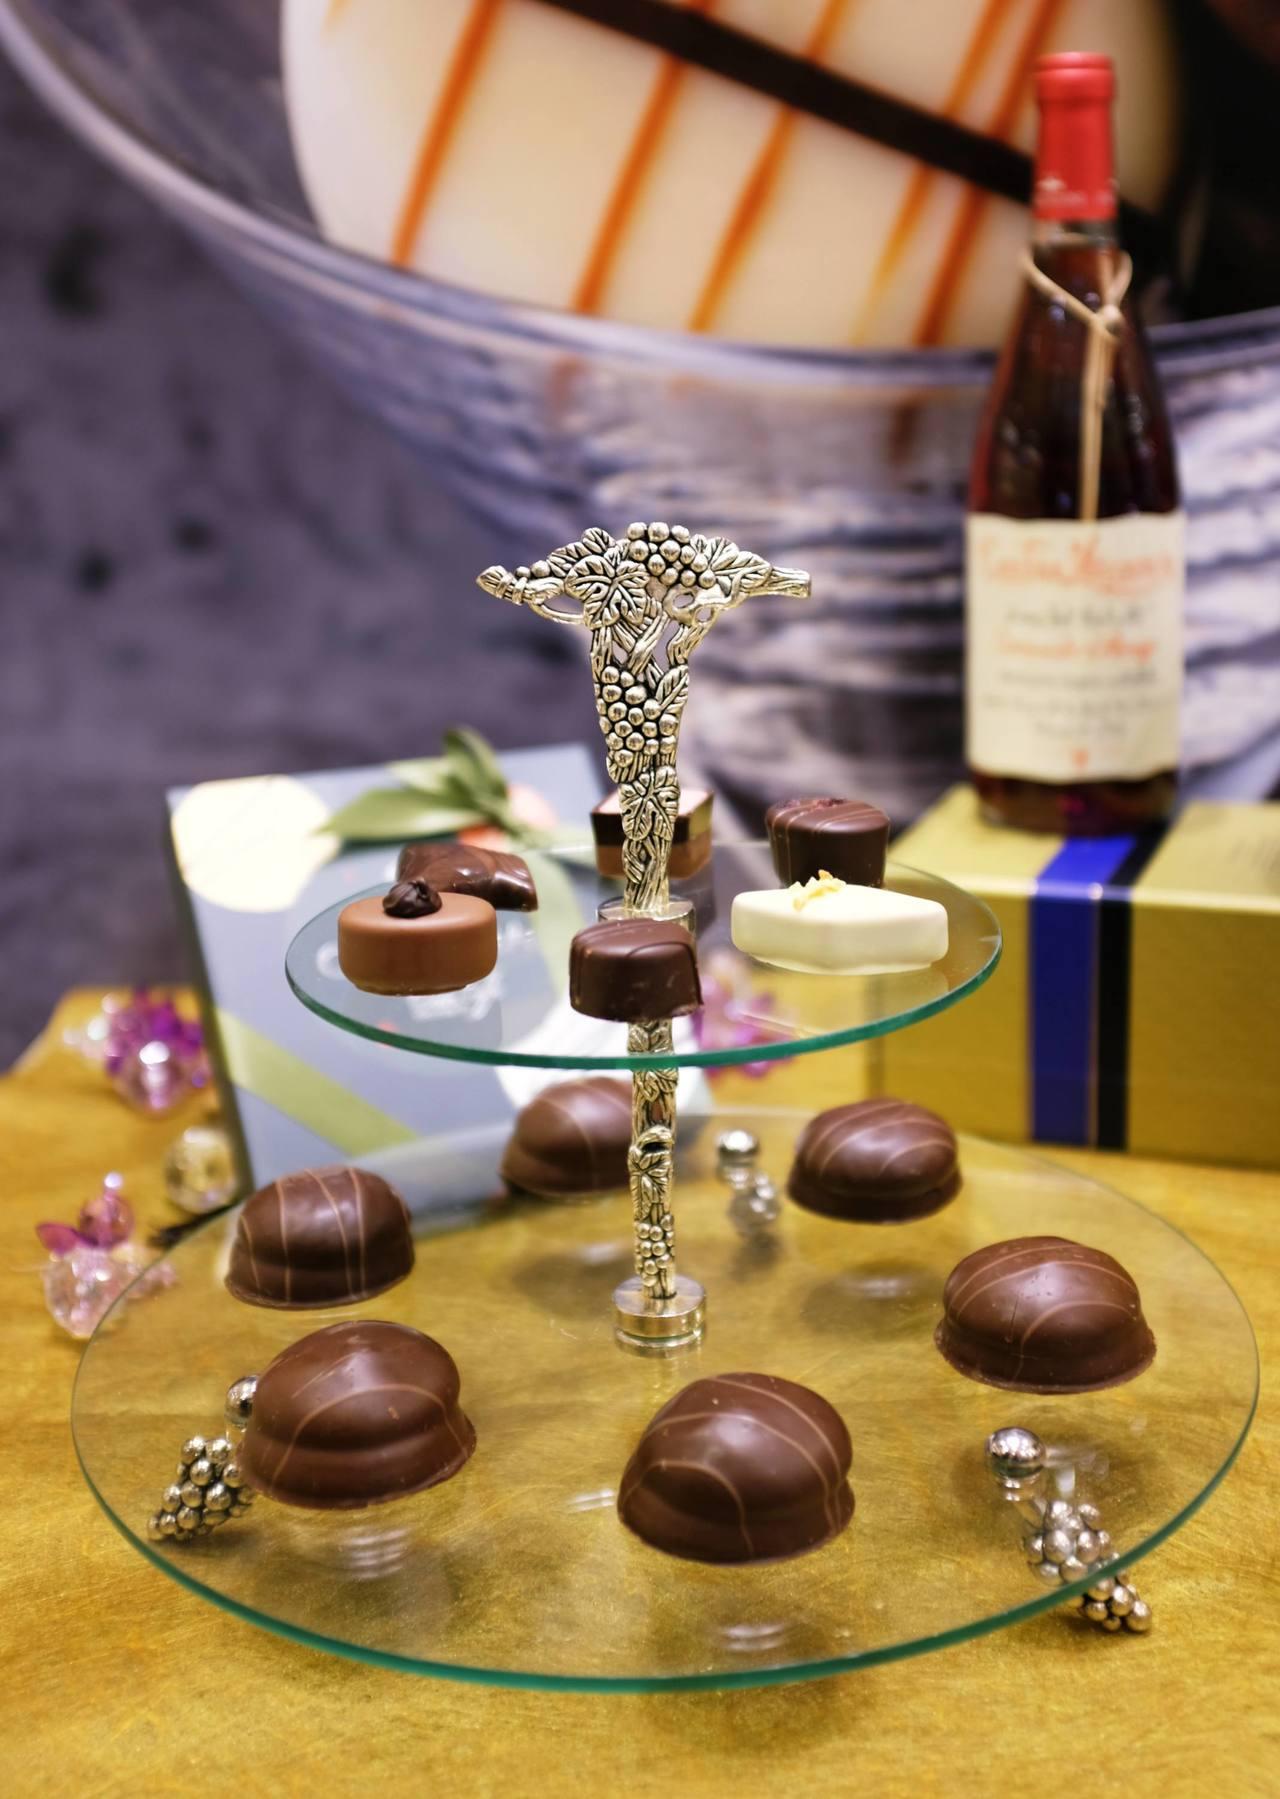 舒芙蕾巧克力(下層),有卡布奇諾、萊姆、酒心、草莓蛋糕共4種口味。記者沈佩臻/攝...